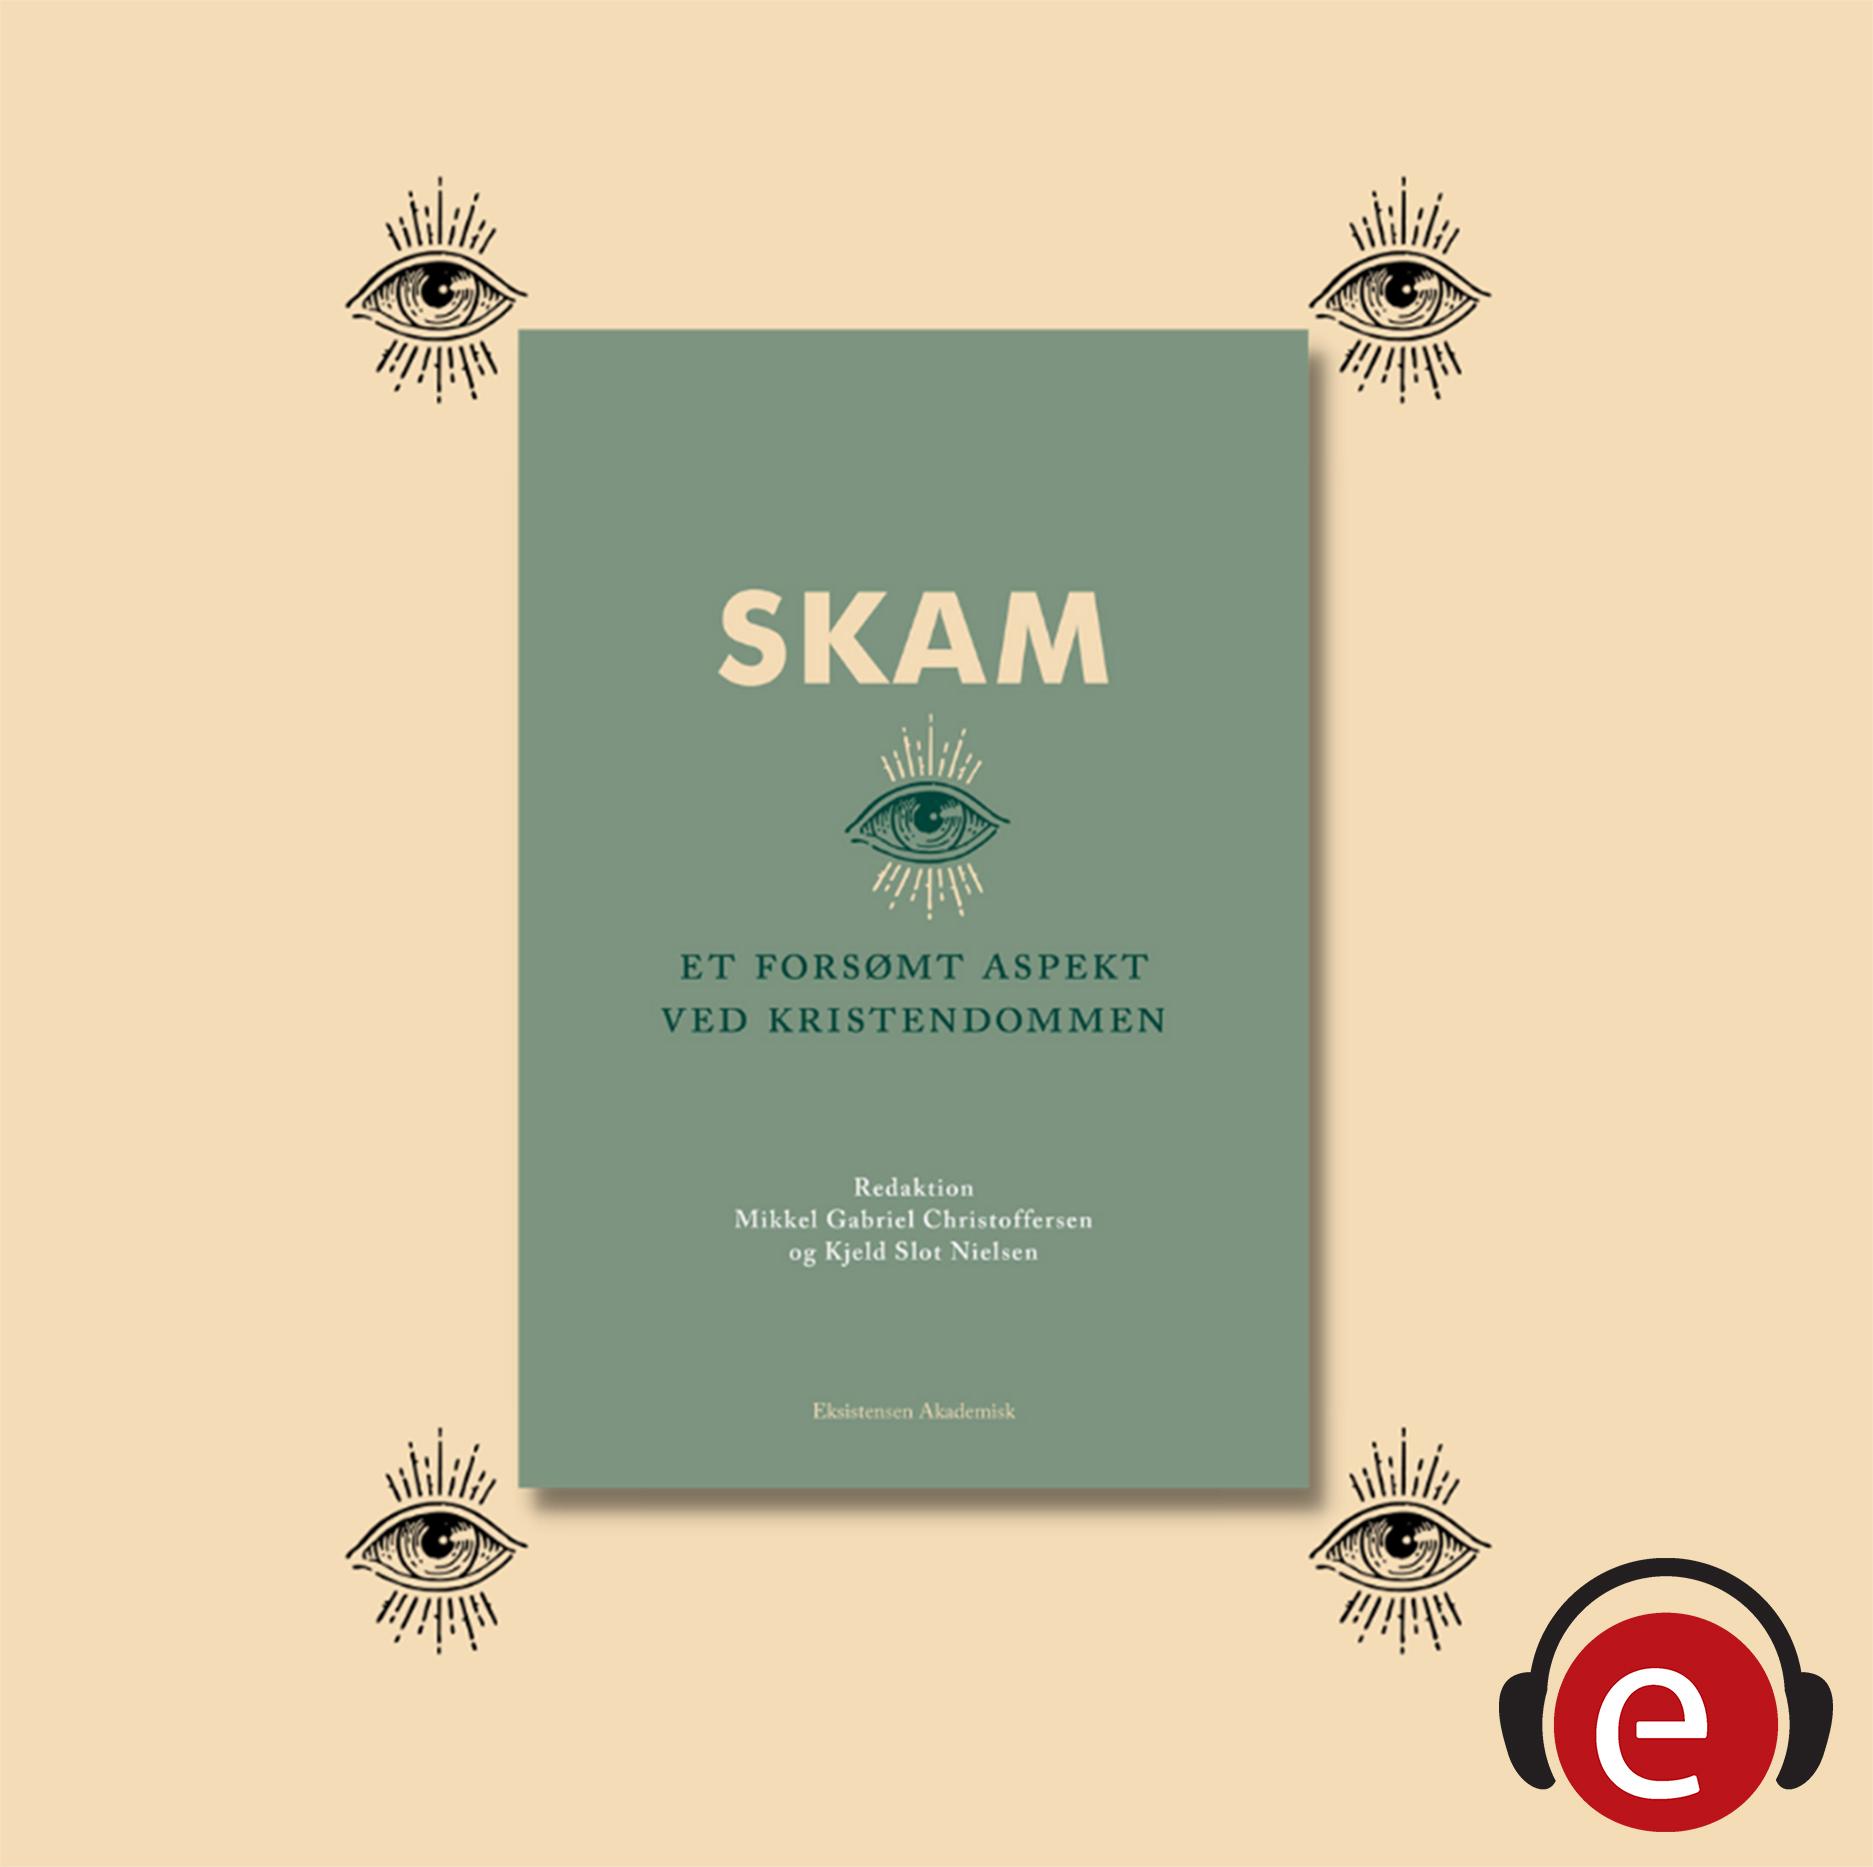 Skam_badge